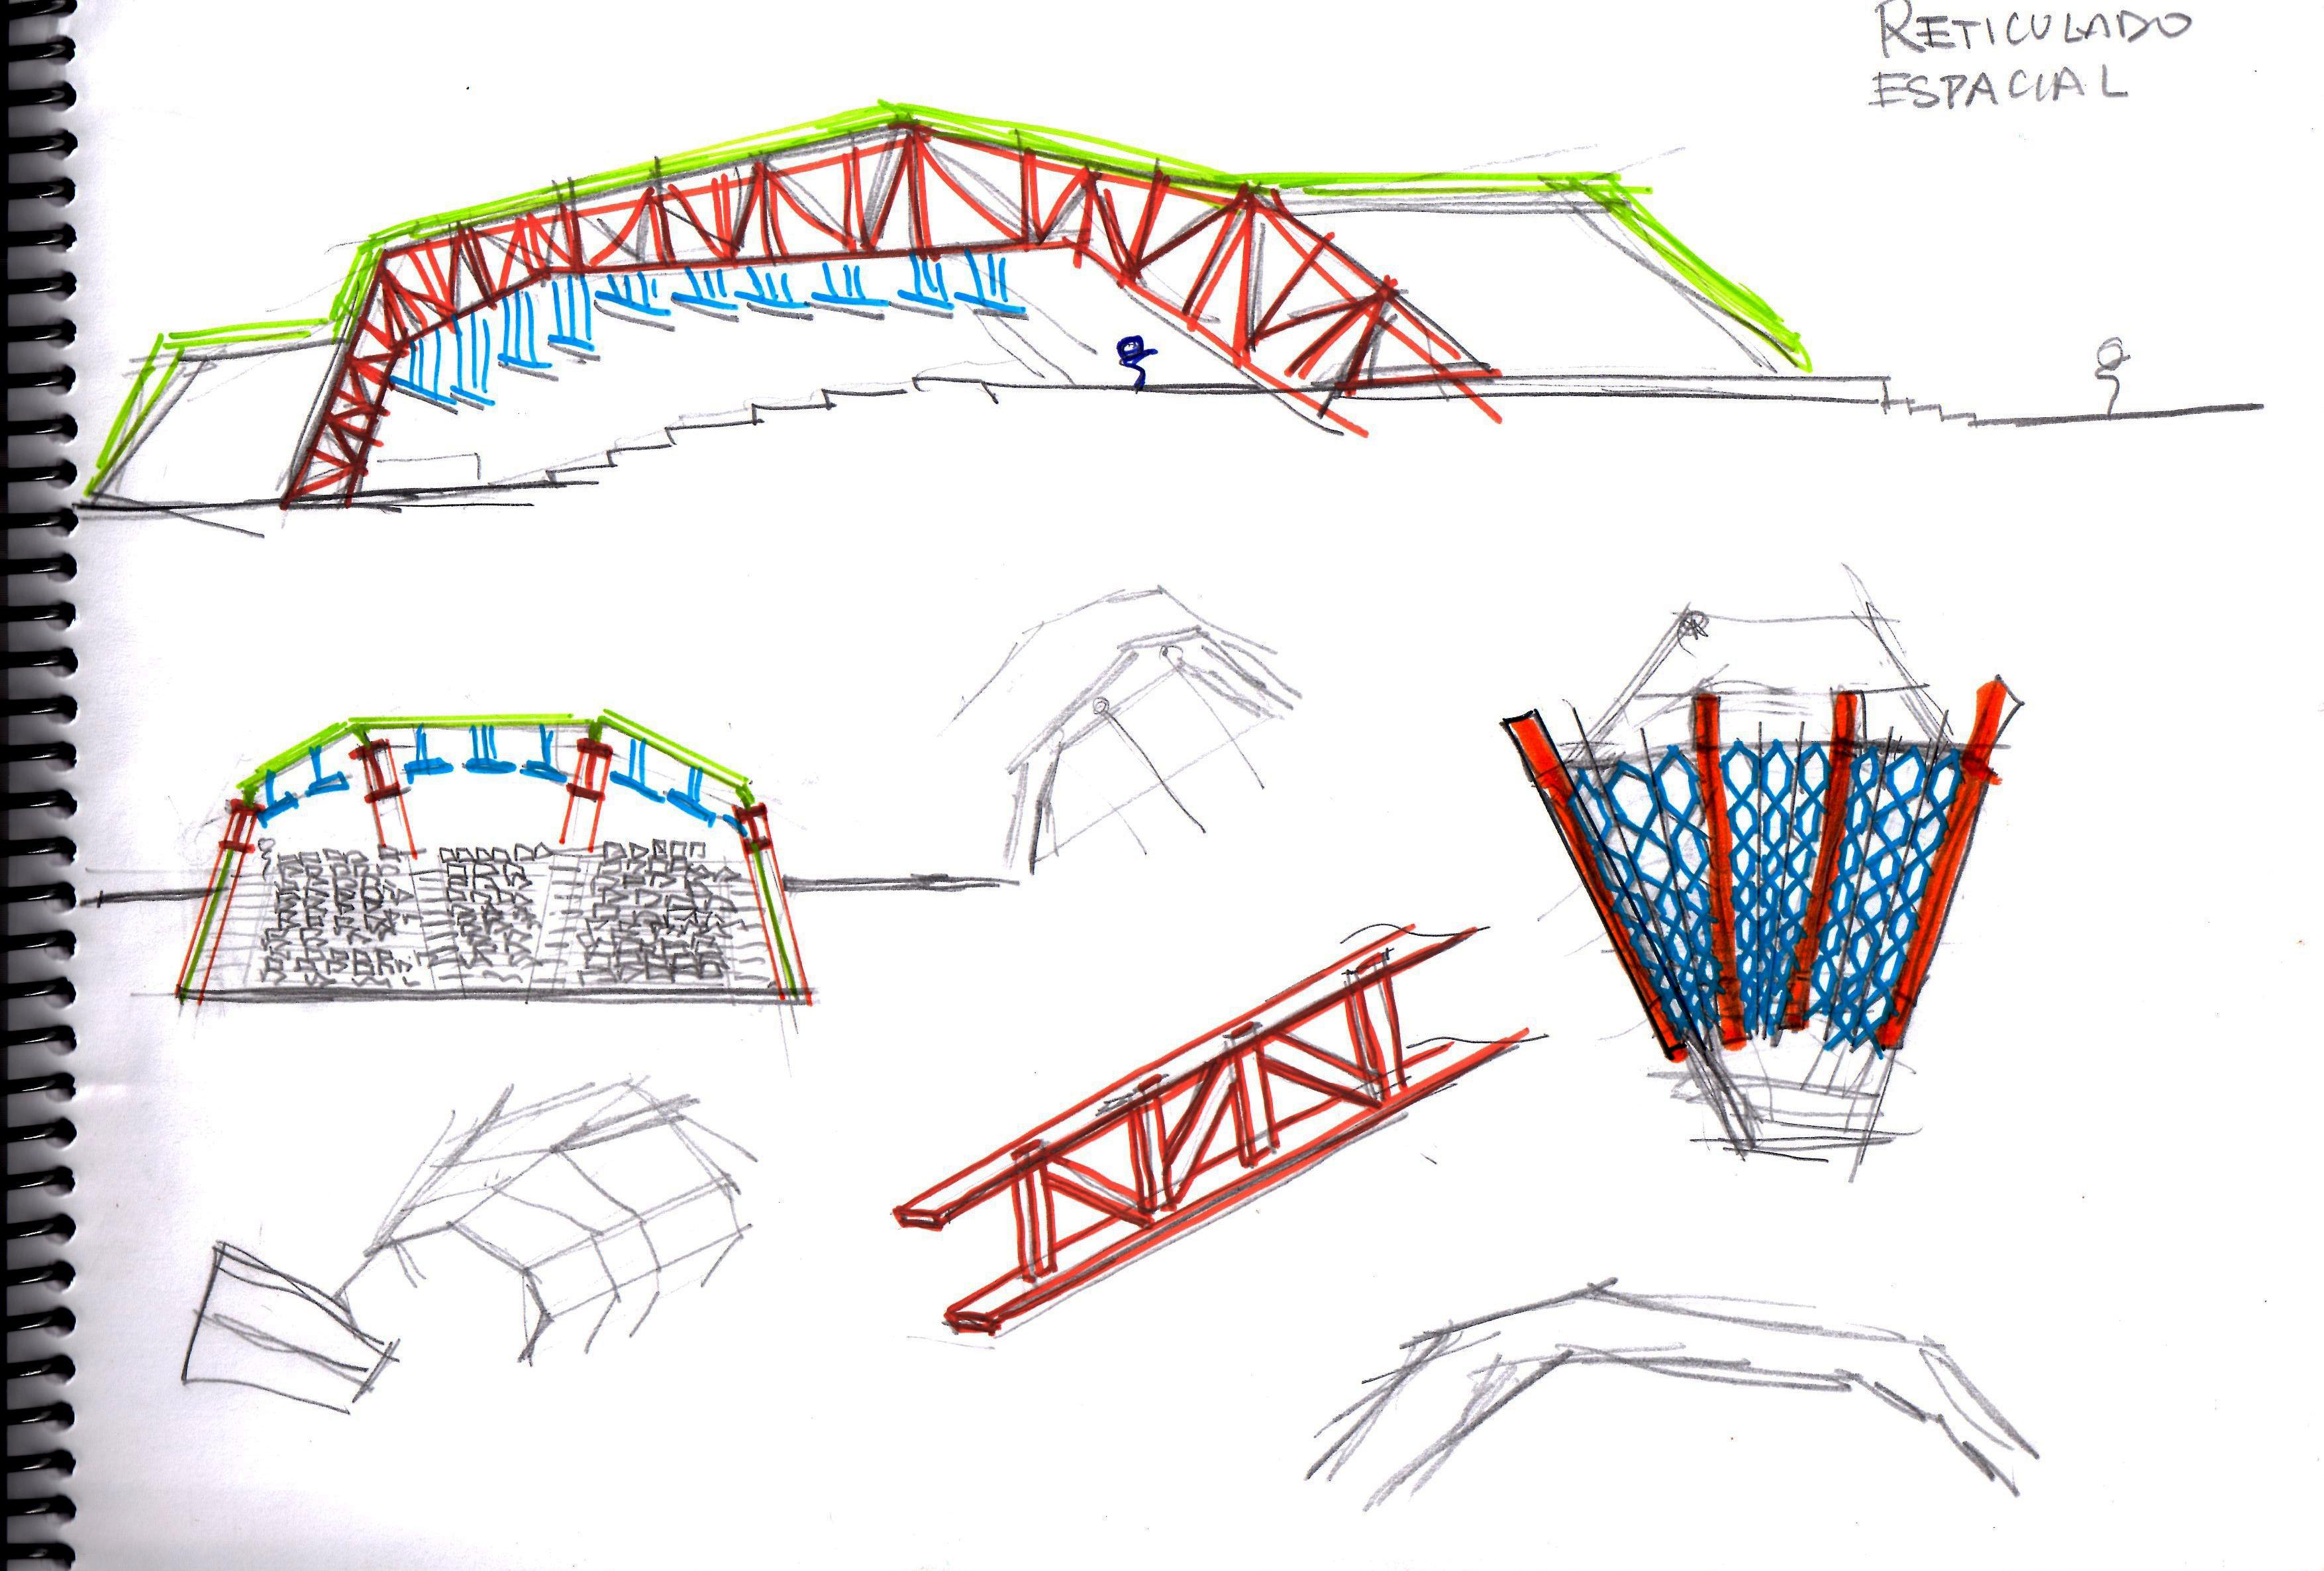 Dise o de estructura para un auditorio eduardo iberico for Estructuras para viveros plantas